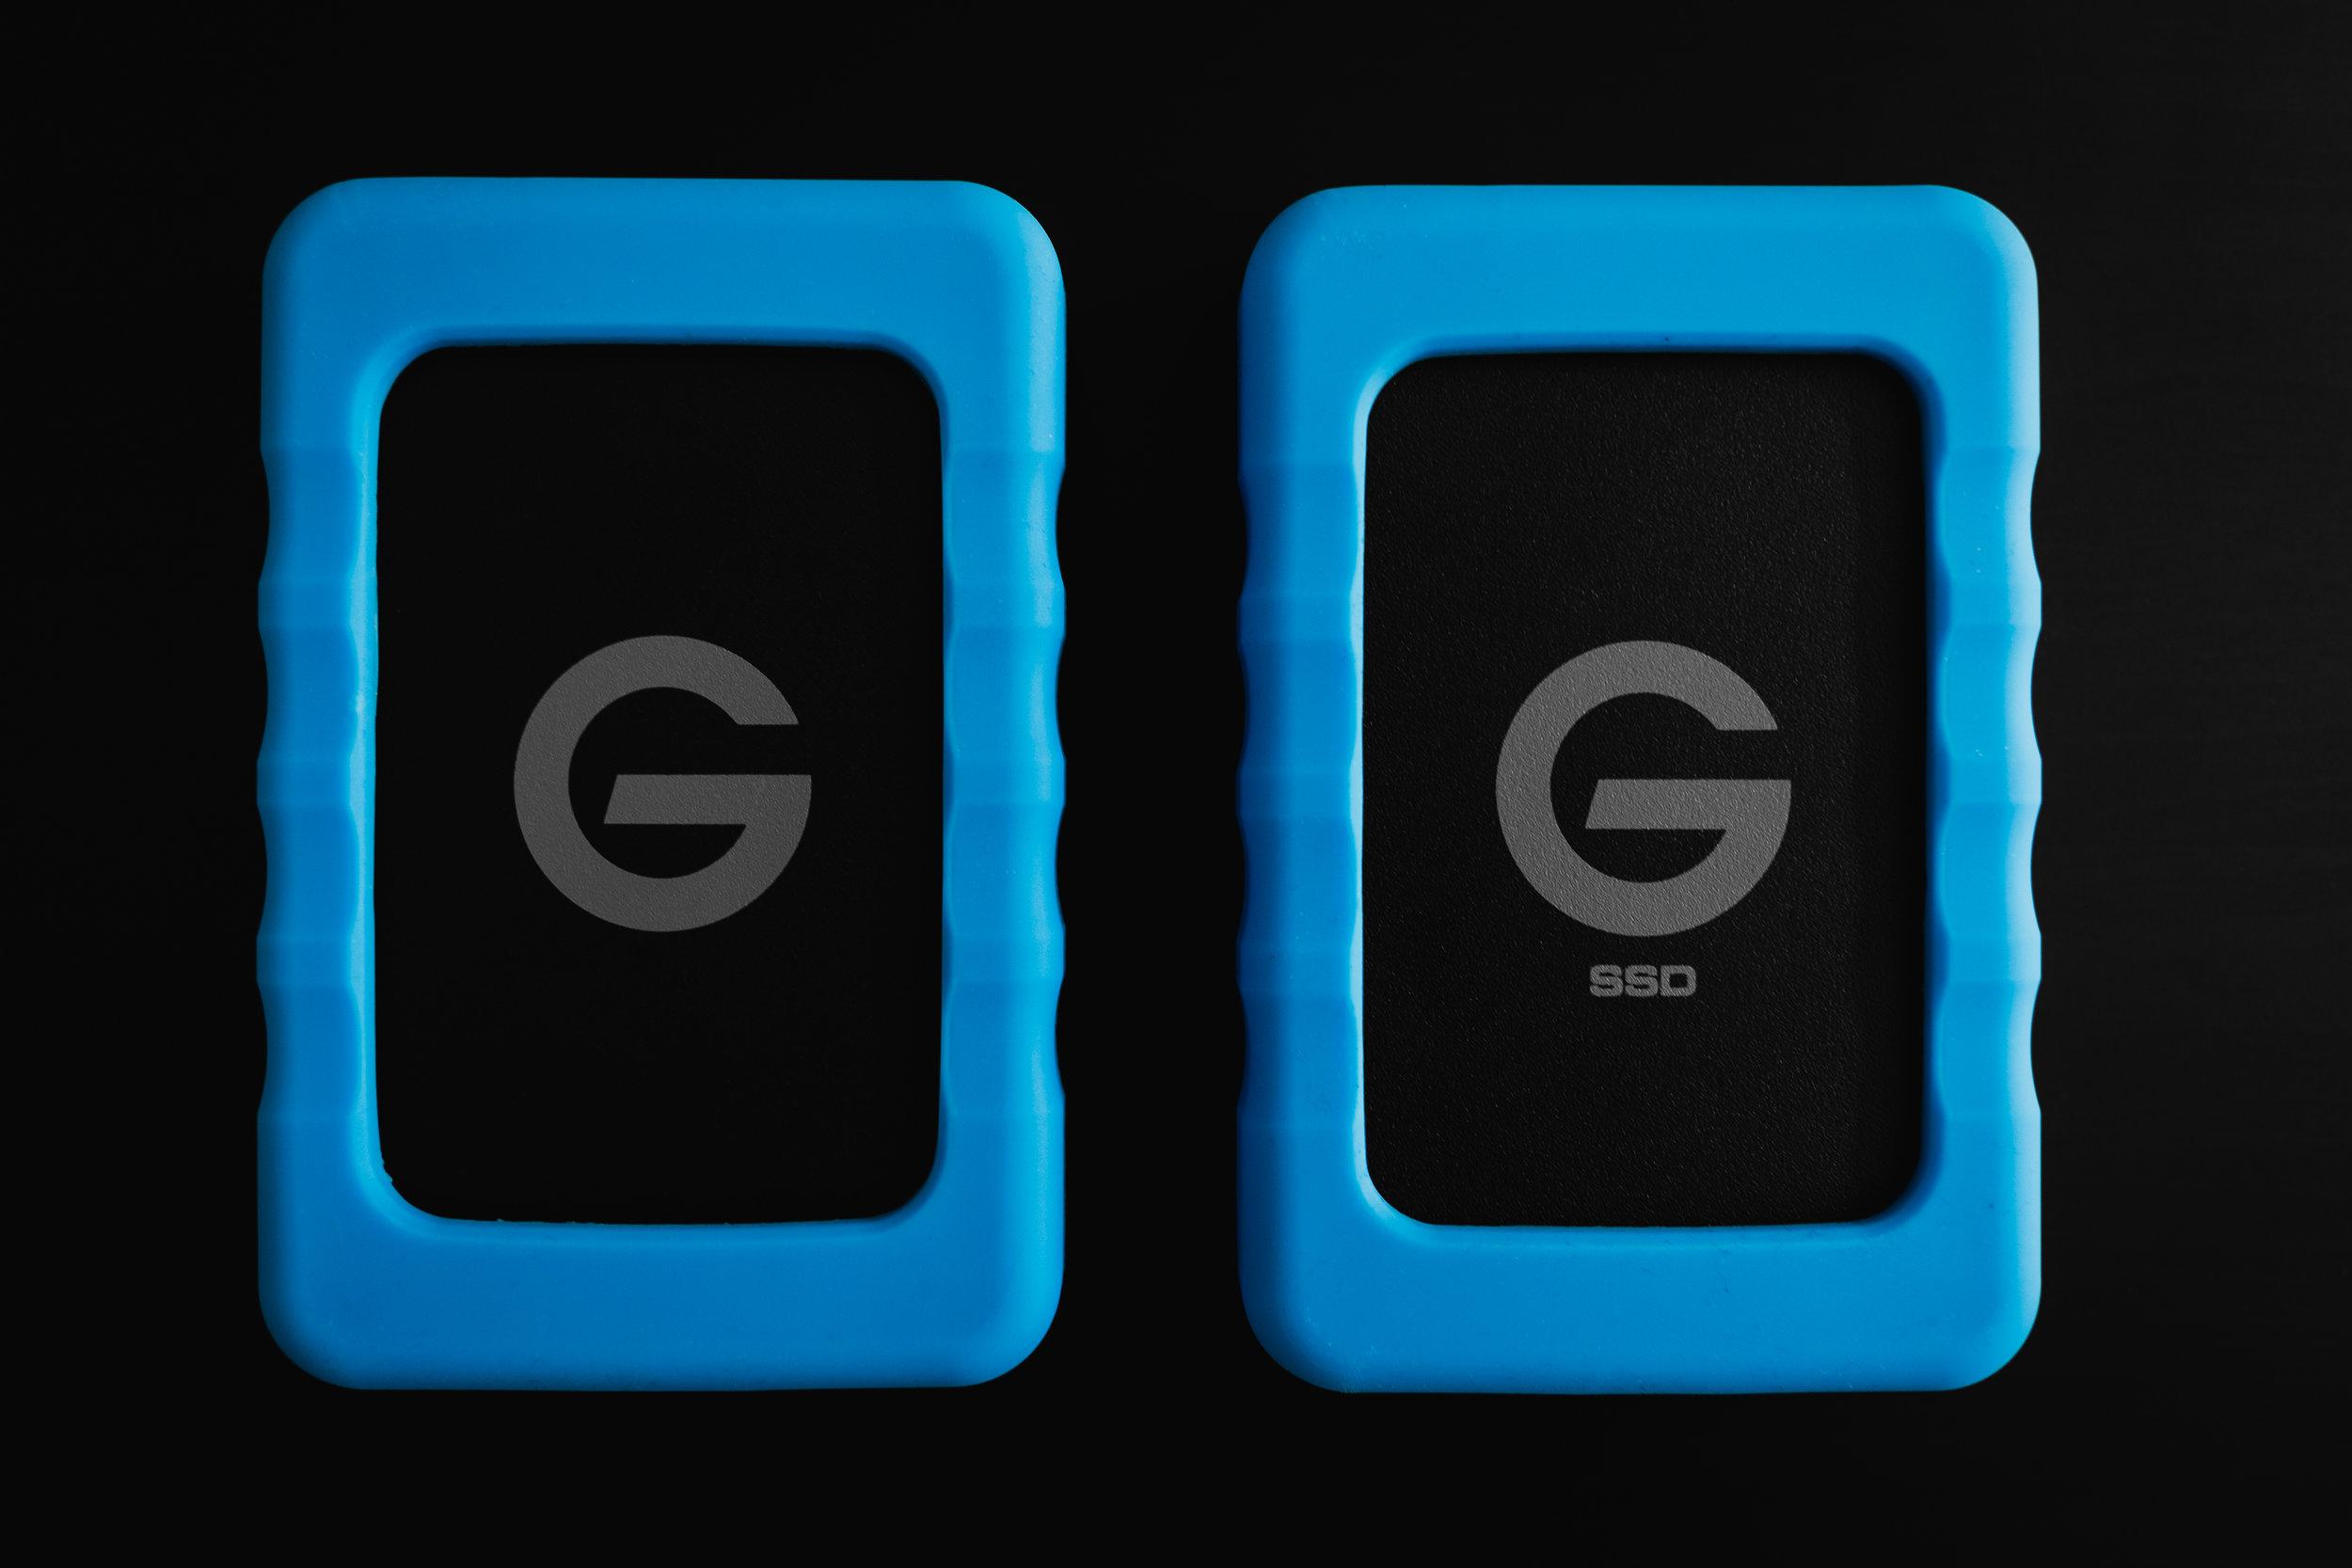 G-Technology G-DRIVE ev RaW & ev RaW SSD